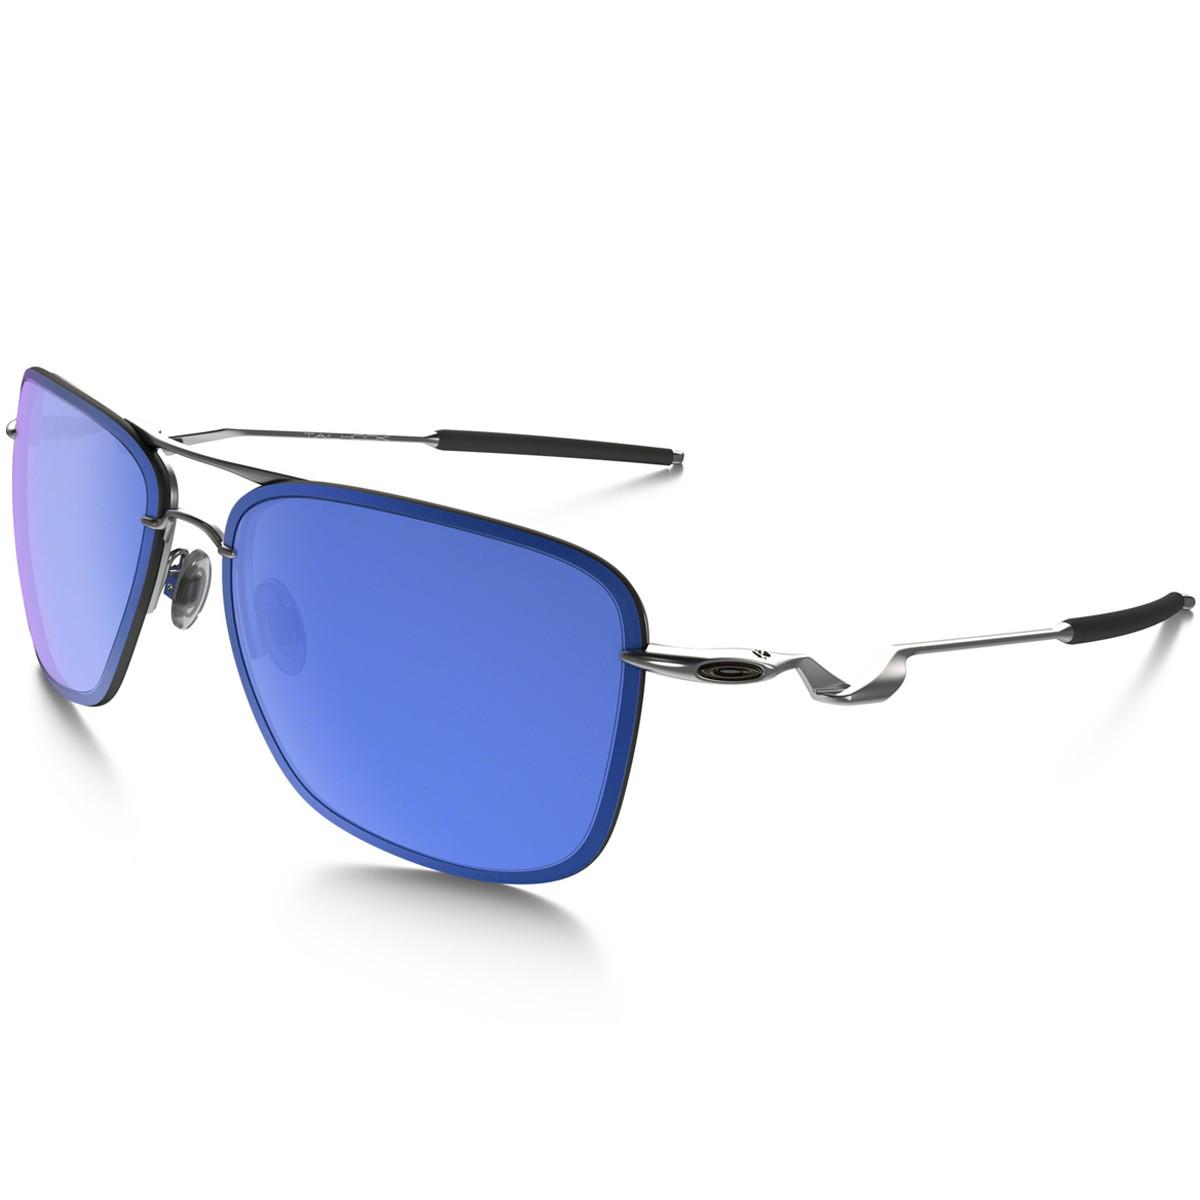 Óculos Oakley Tailhook Satin Chrome Com Ice Iridium LANÇAMENTO ref ... e914d23316